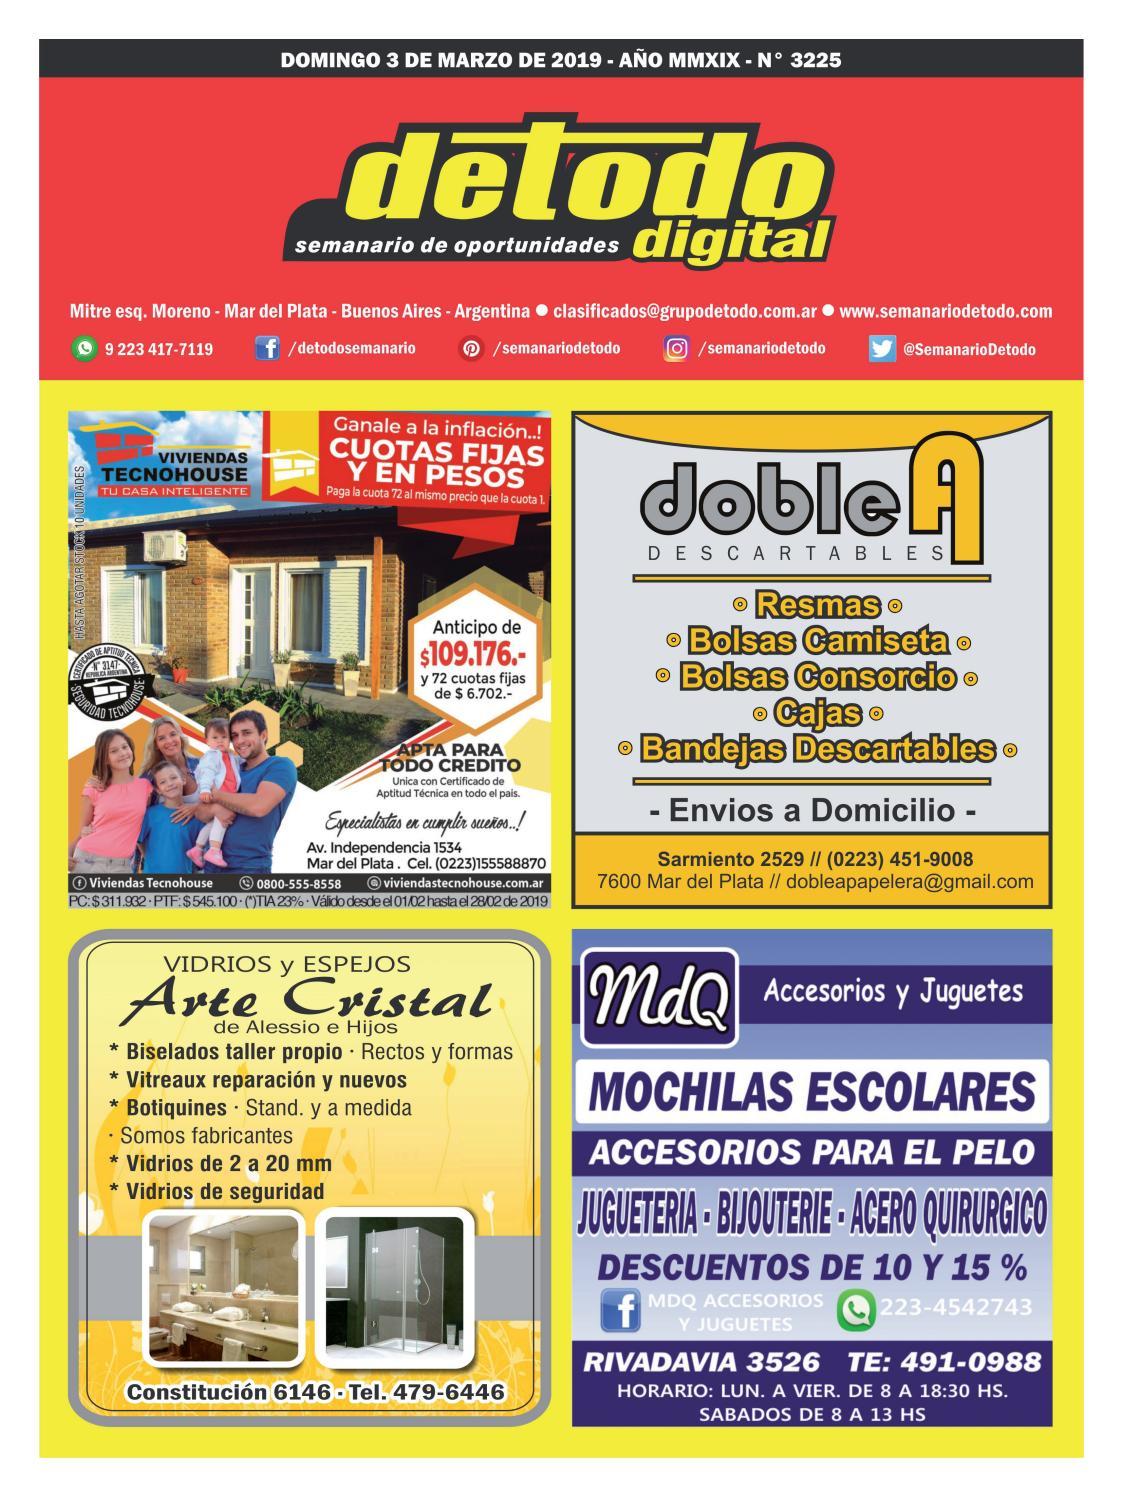 Semanario Detodo - Edición N° 3225 - 03 03 2019 by Semanario Detodo - issuu ca78c93bb7332